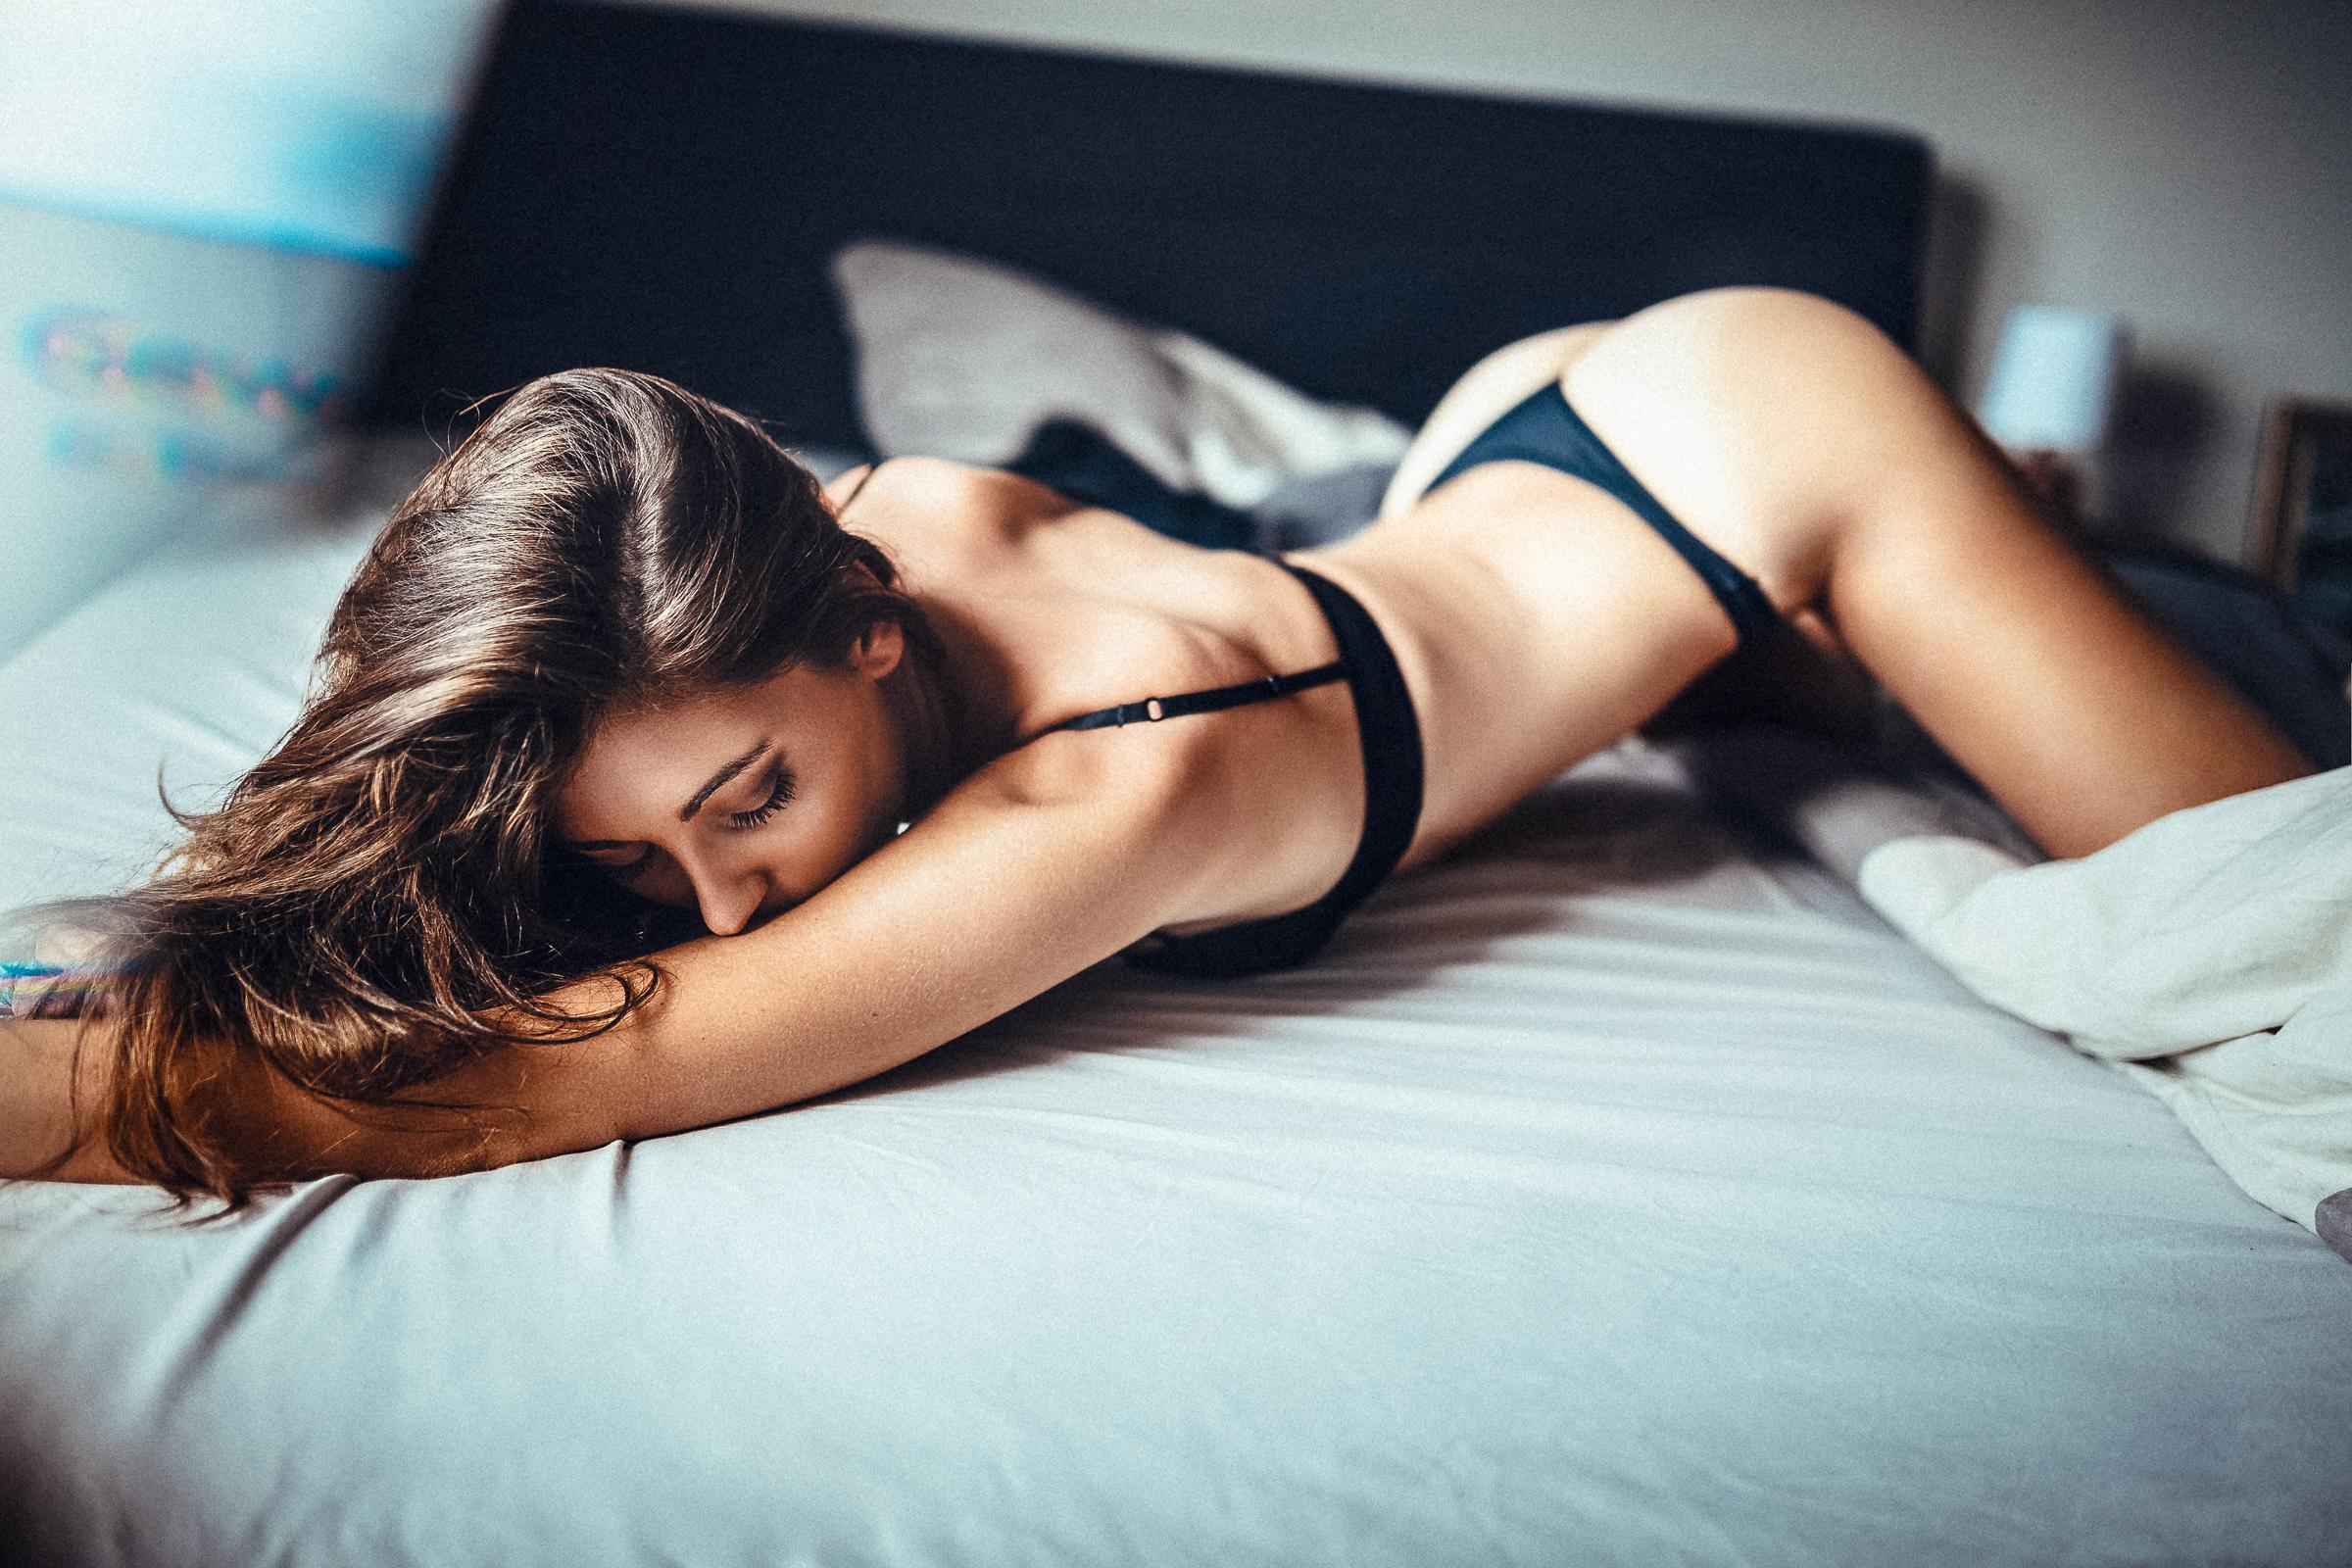 Красивая девушка обнажается в постели фото, видео эксцесс порно